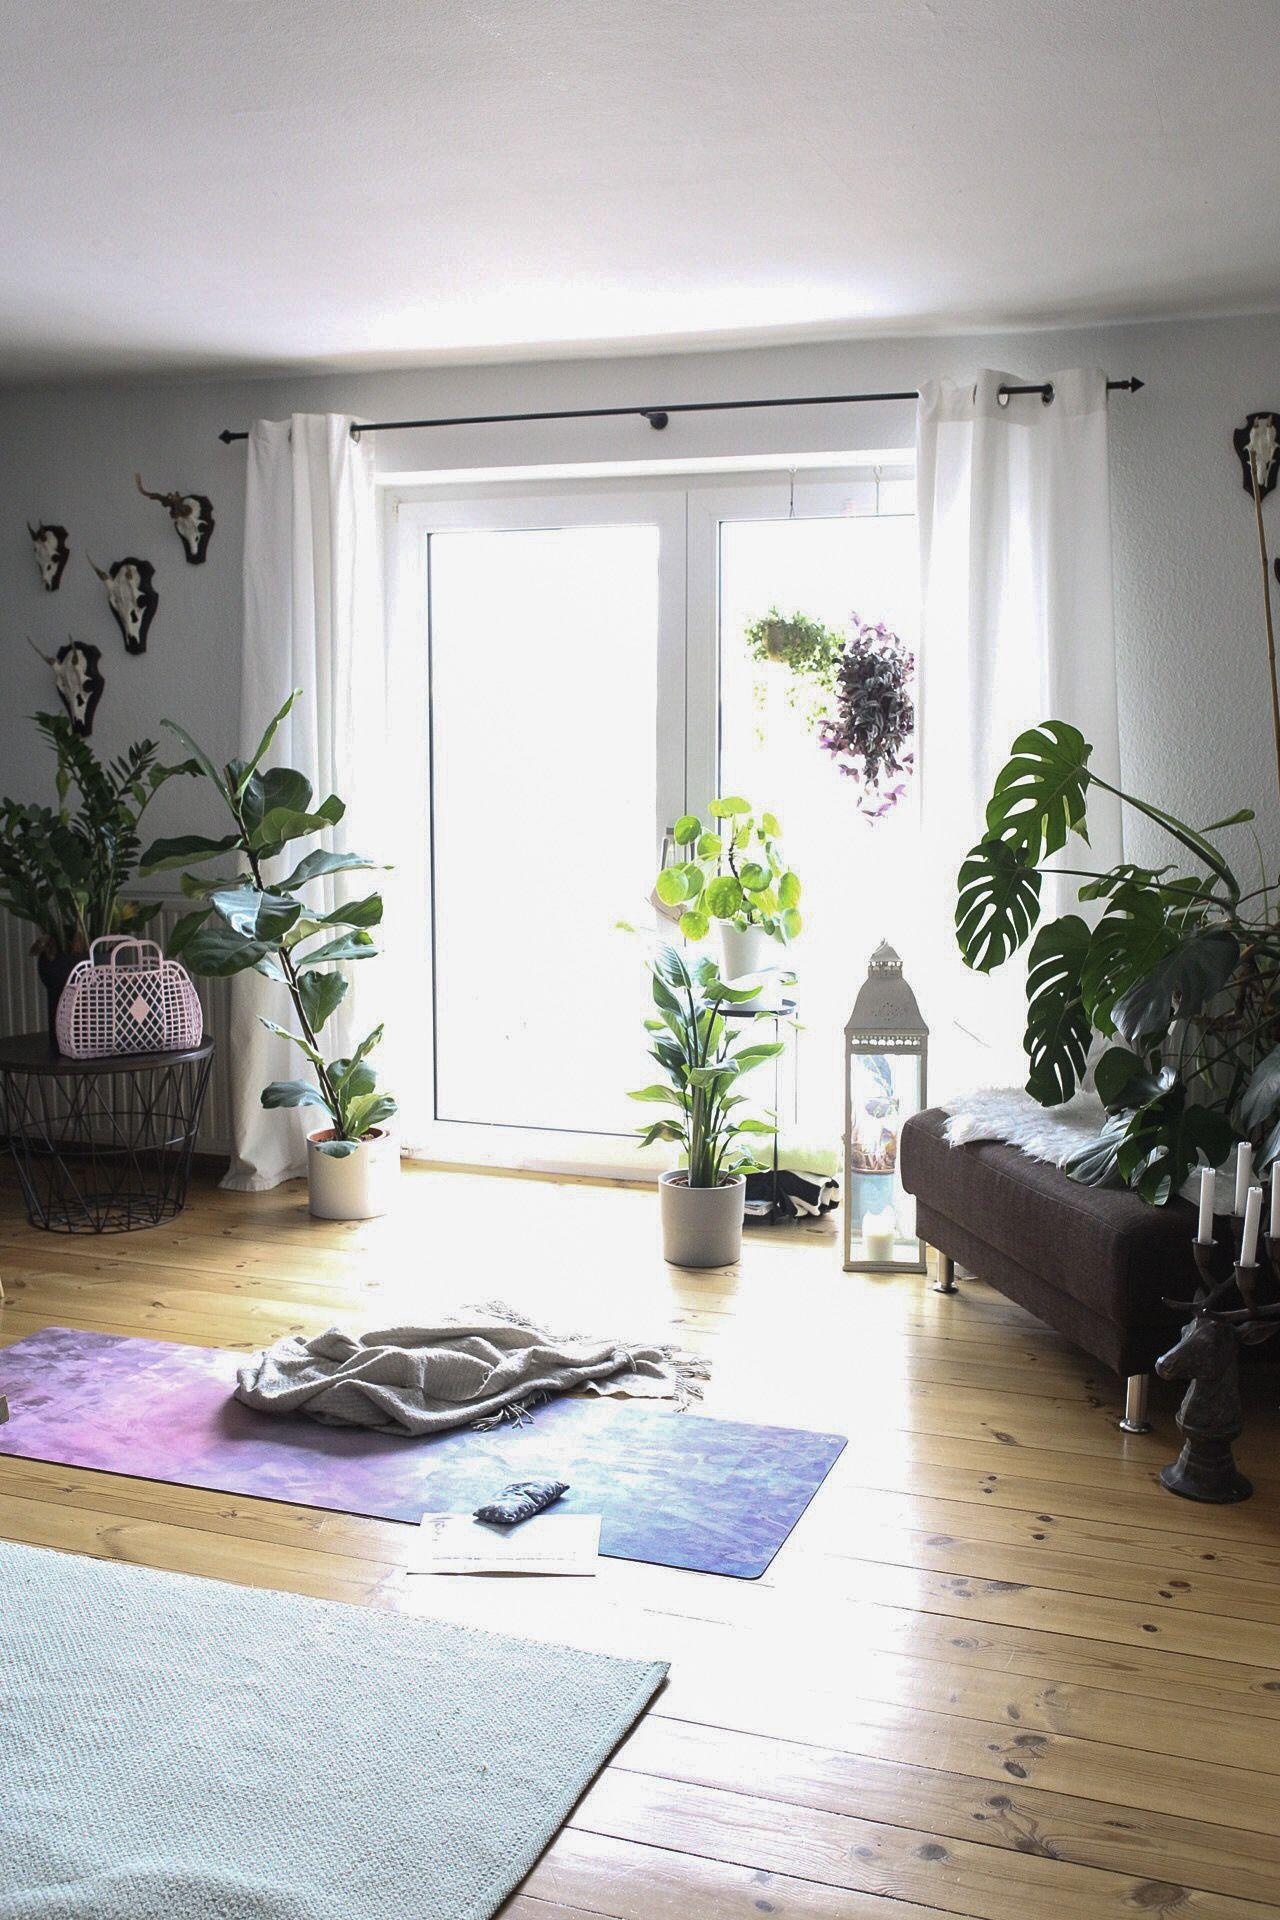 YOGA für Anfänger - So habe ich Yoga für mich entdeckt